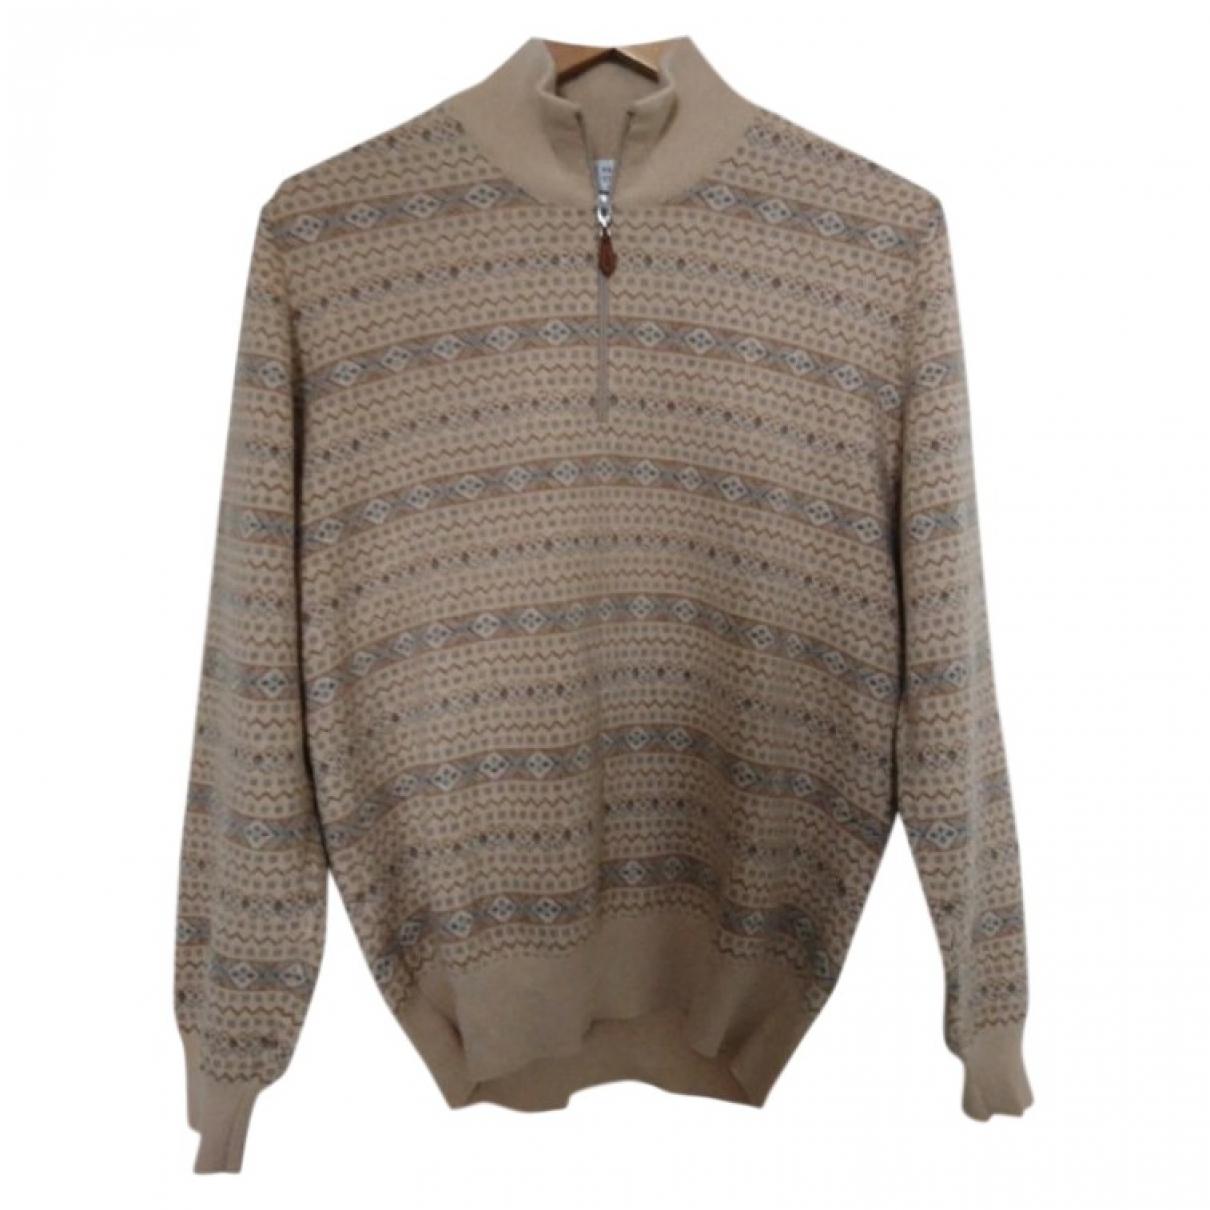 Brunello Cucinelli \N Beige Cashmere Knitwear & Sweatshirts for Men S International